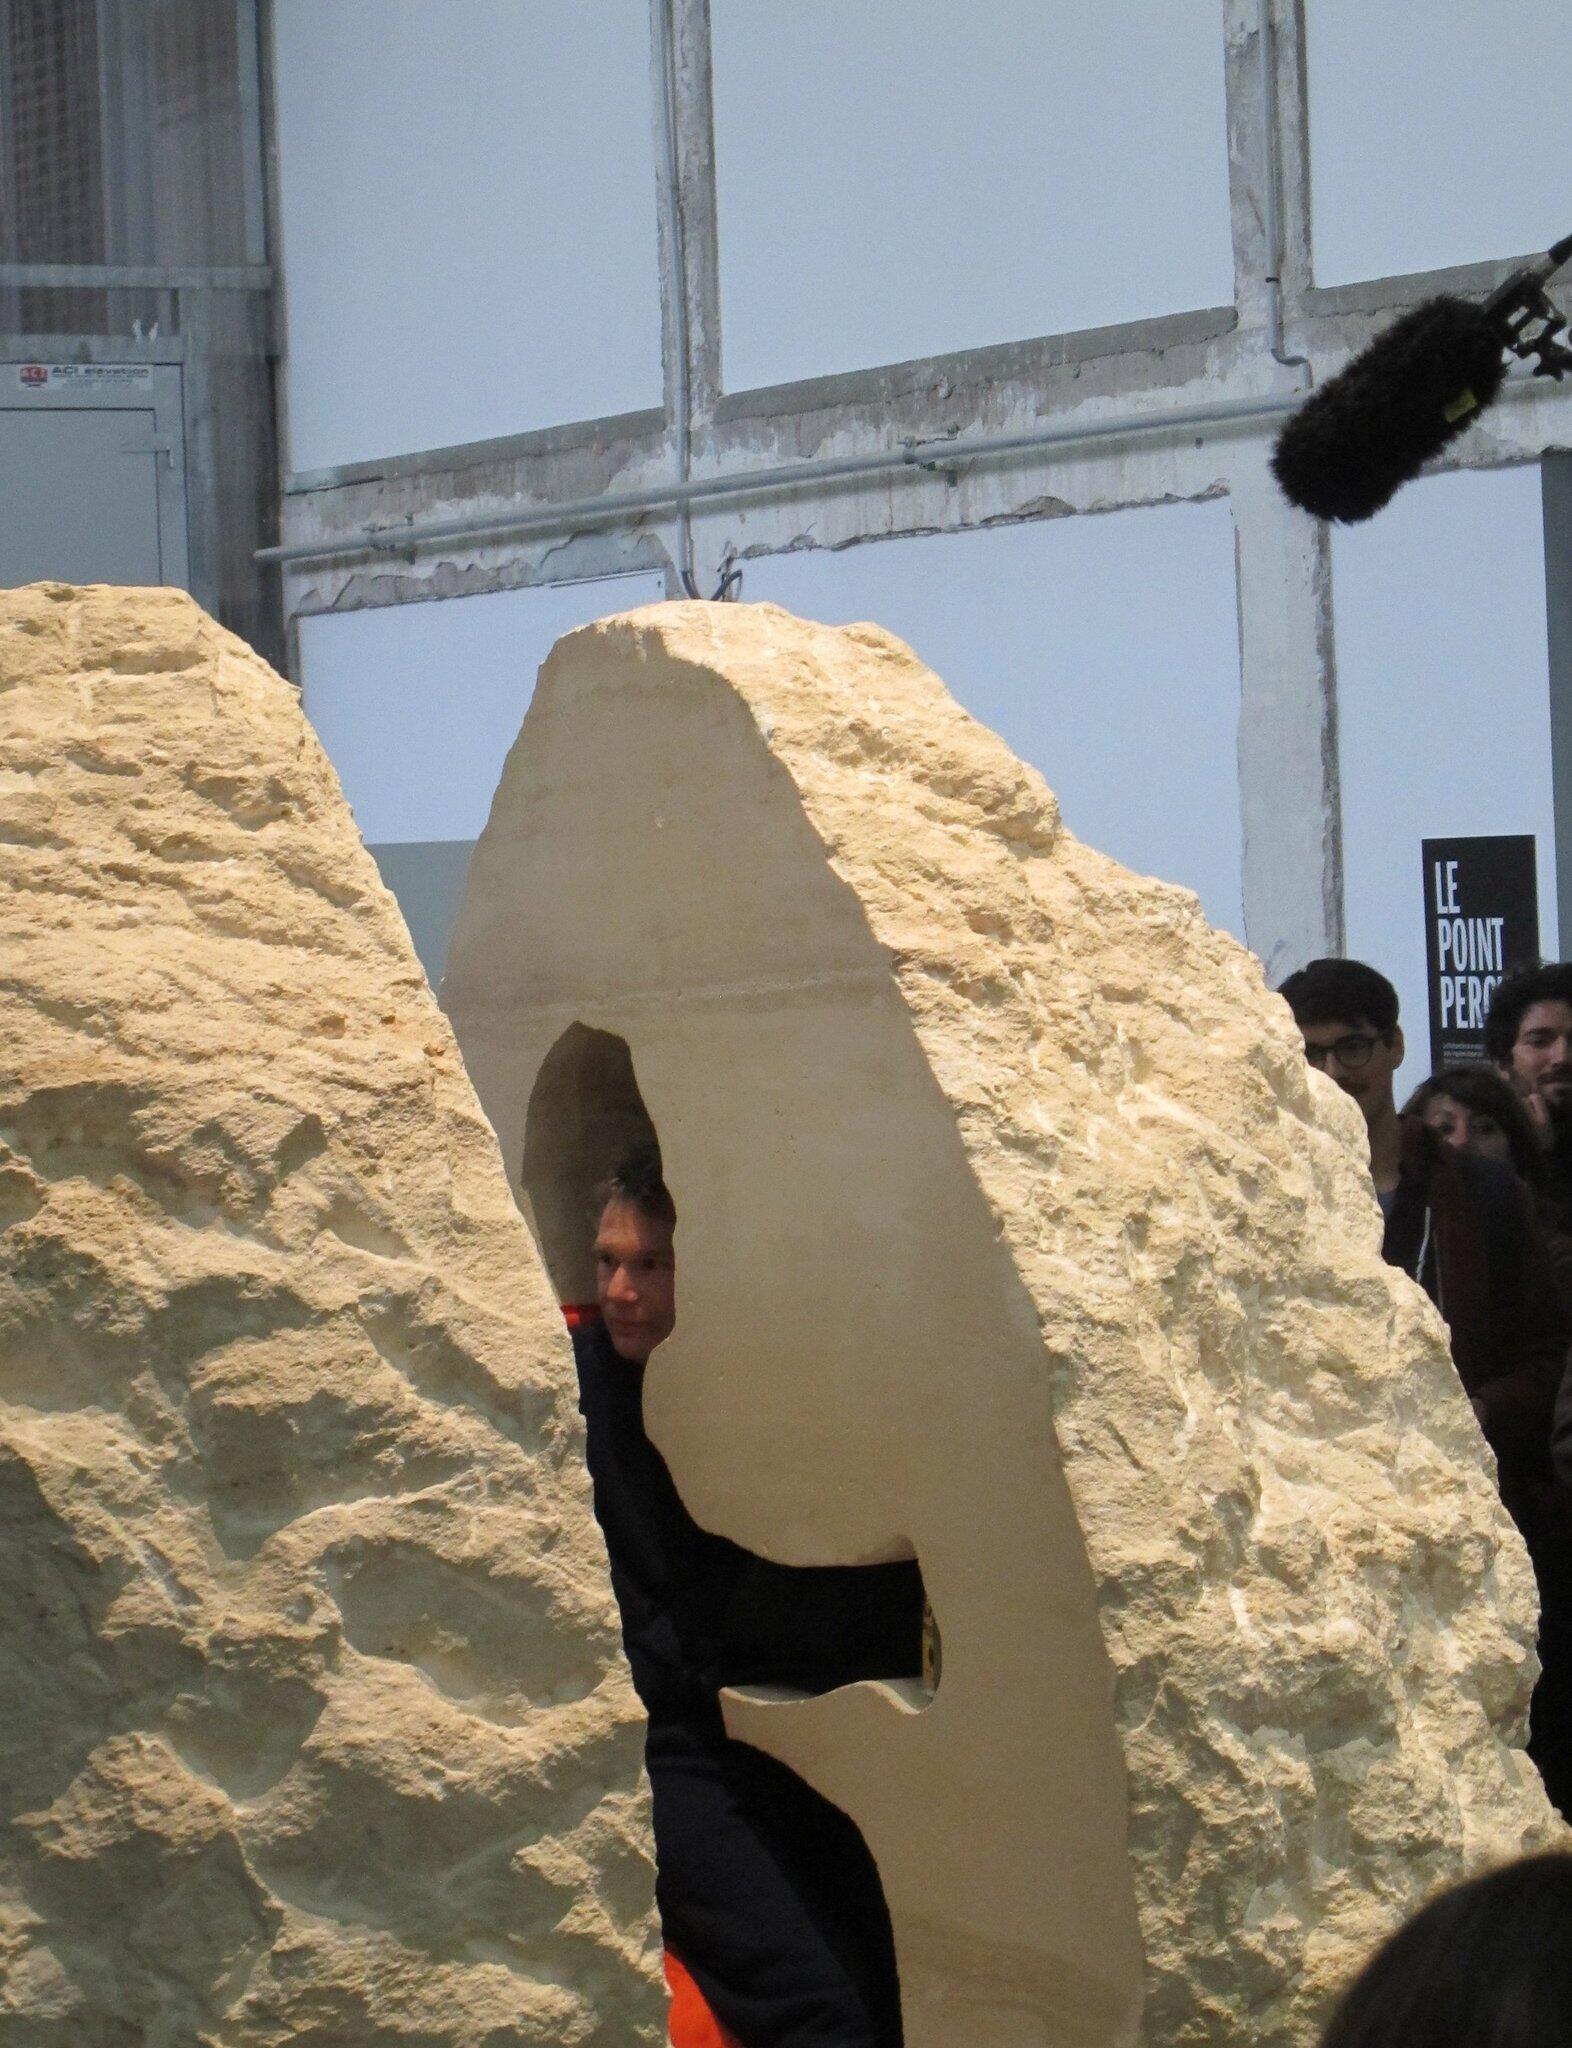 Bild zu Überleben im Felsen: Künstler sucht Grenzerfahrung